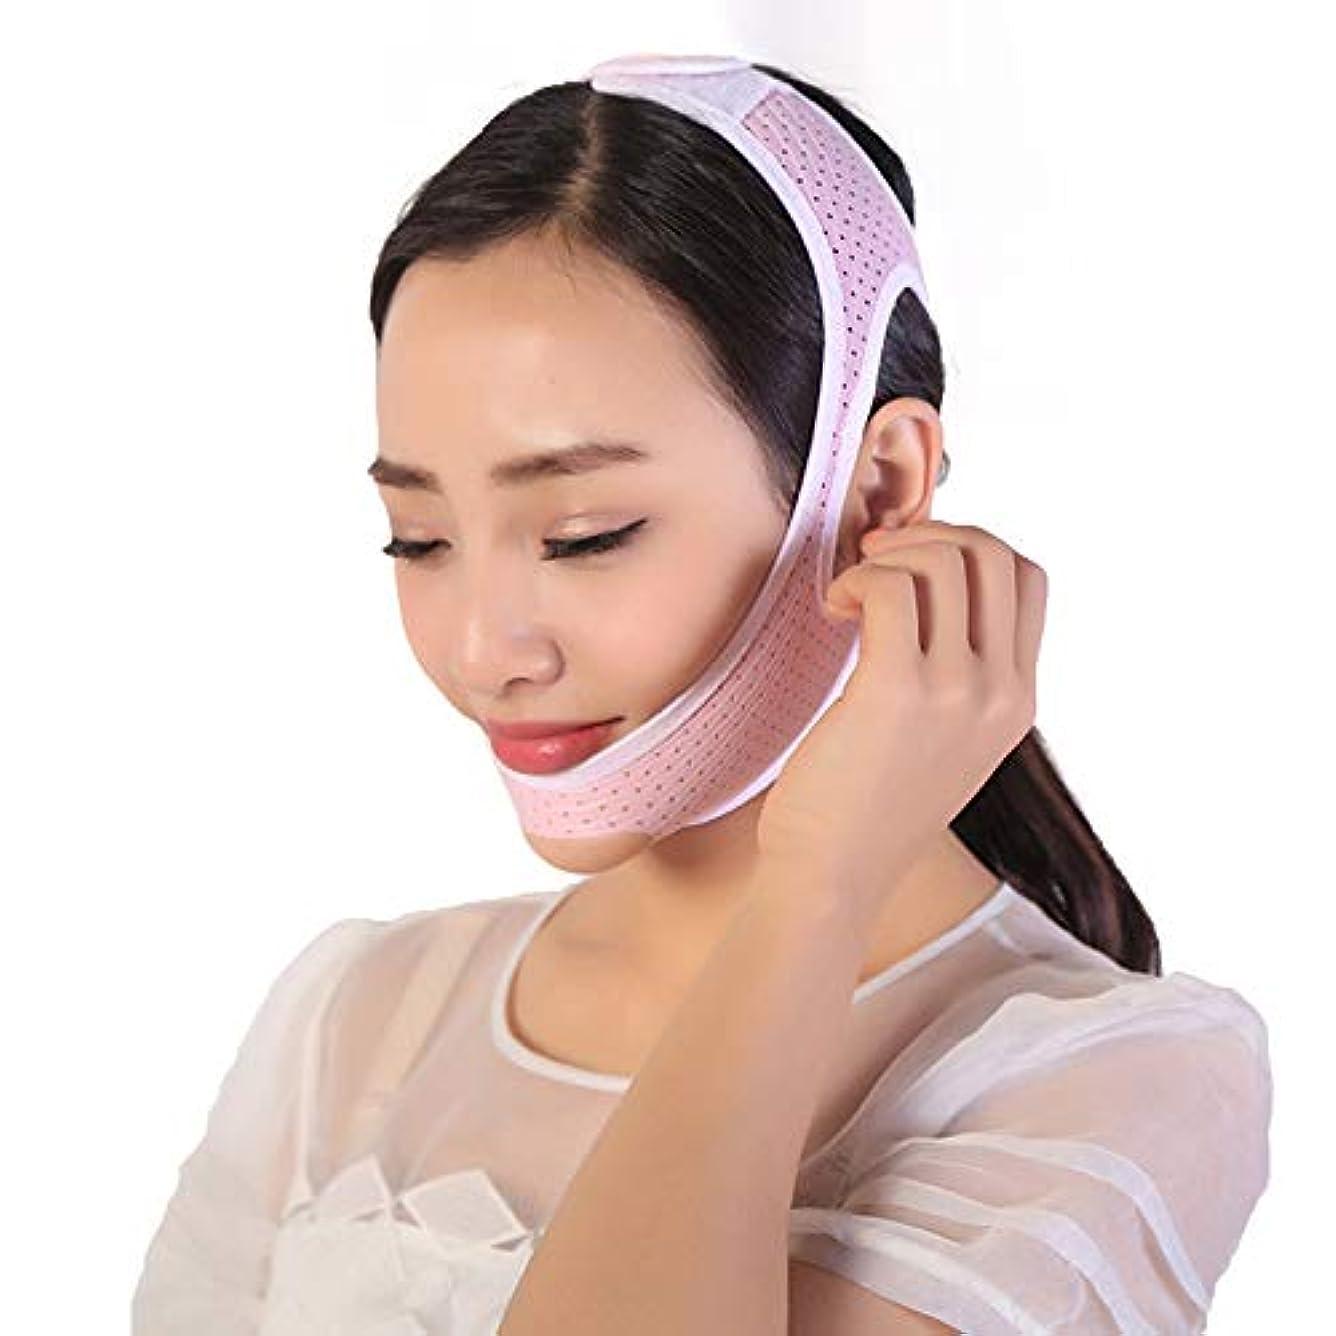 科学者取り戻す重要性Jia Jia- フェイシャルリフティングスリミングベルト - 薄型フェイス包帯ダブルチンデバイスフェイシャルマッサージアンチエイジングリンクルフェイスマスクベルト 顔面包帯 (サイズ さいず : L l)